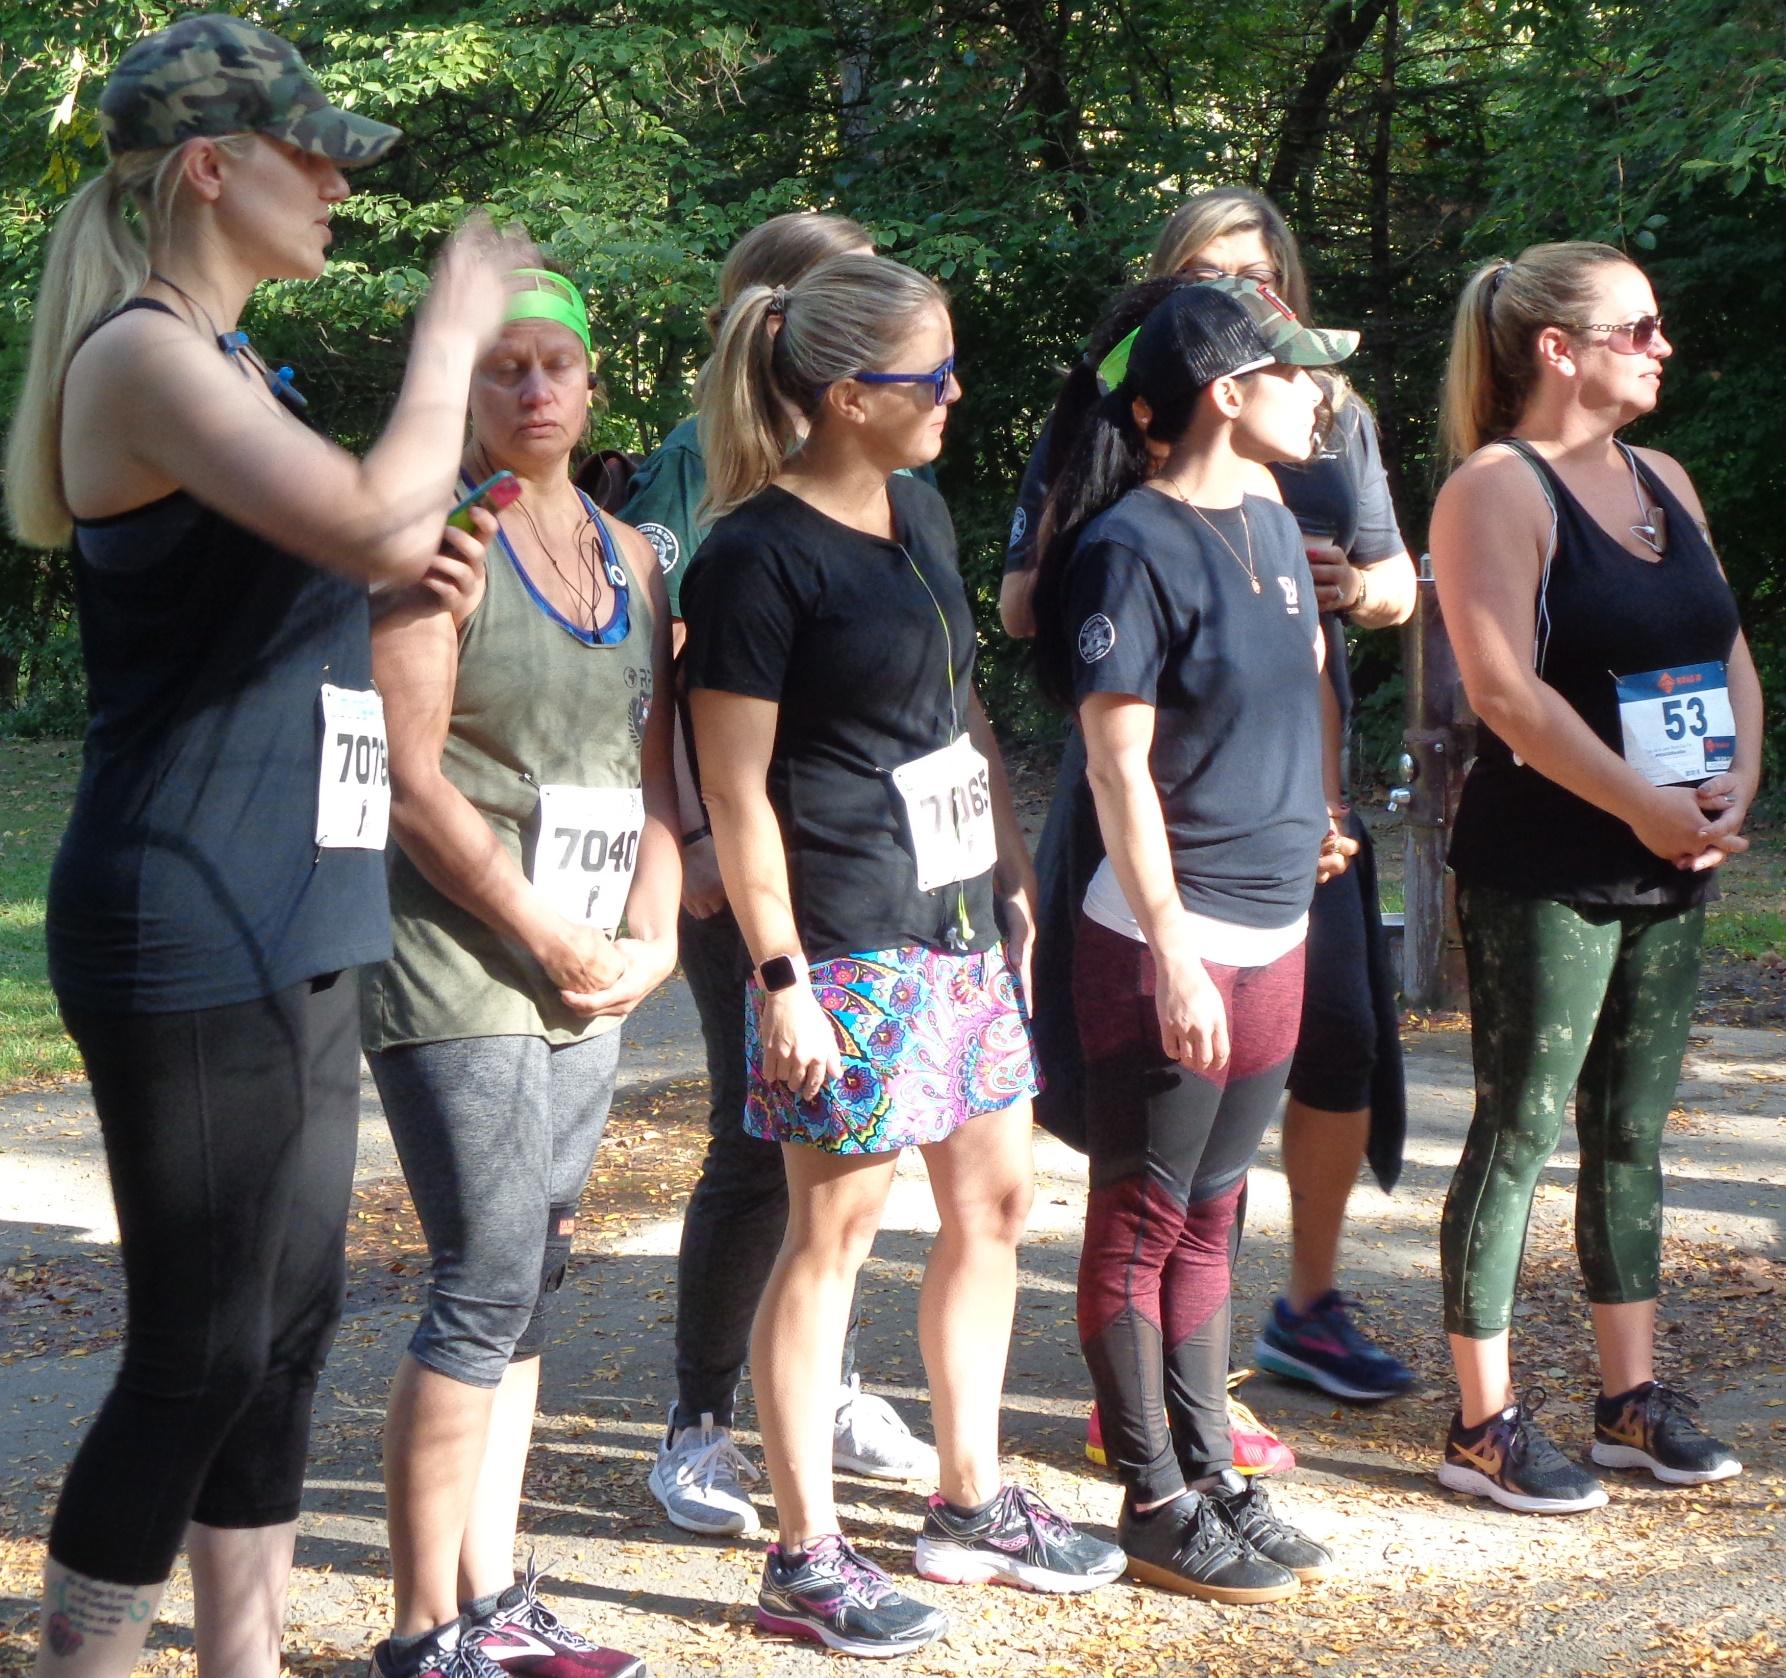 Group of female 5K runners